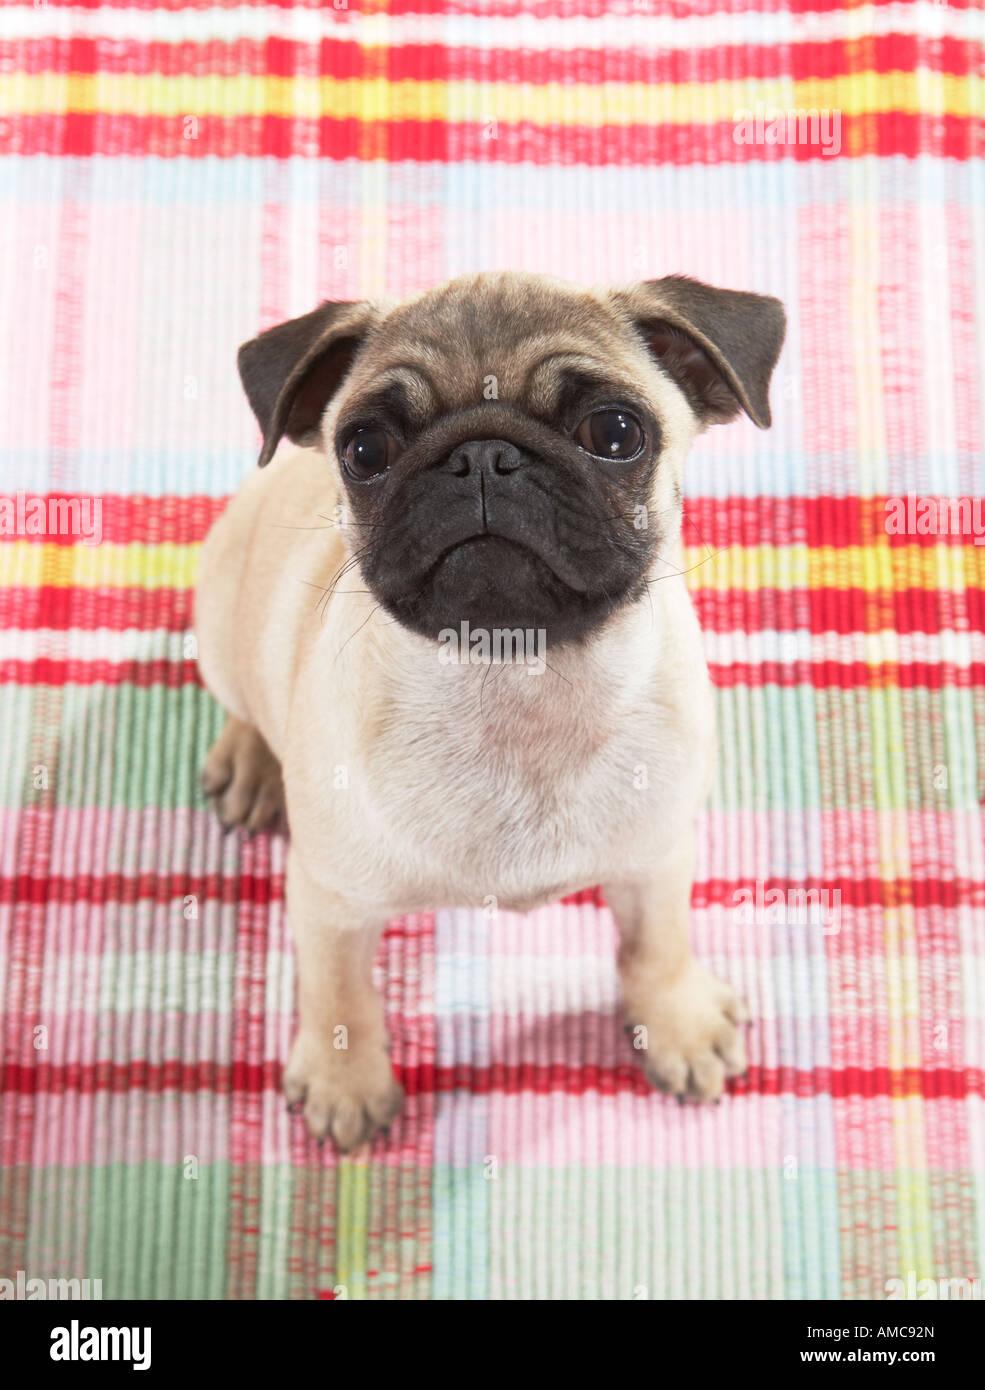 pug dog - puppy - sitting - Stock Image